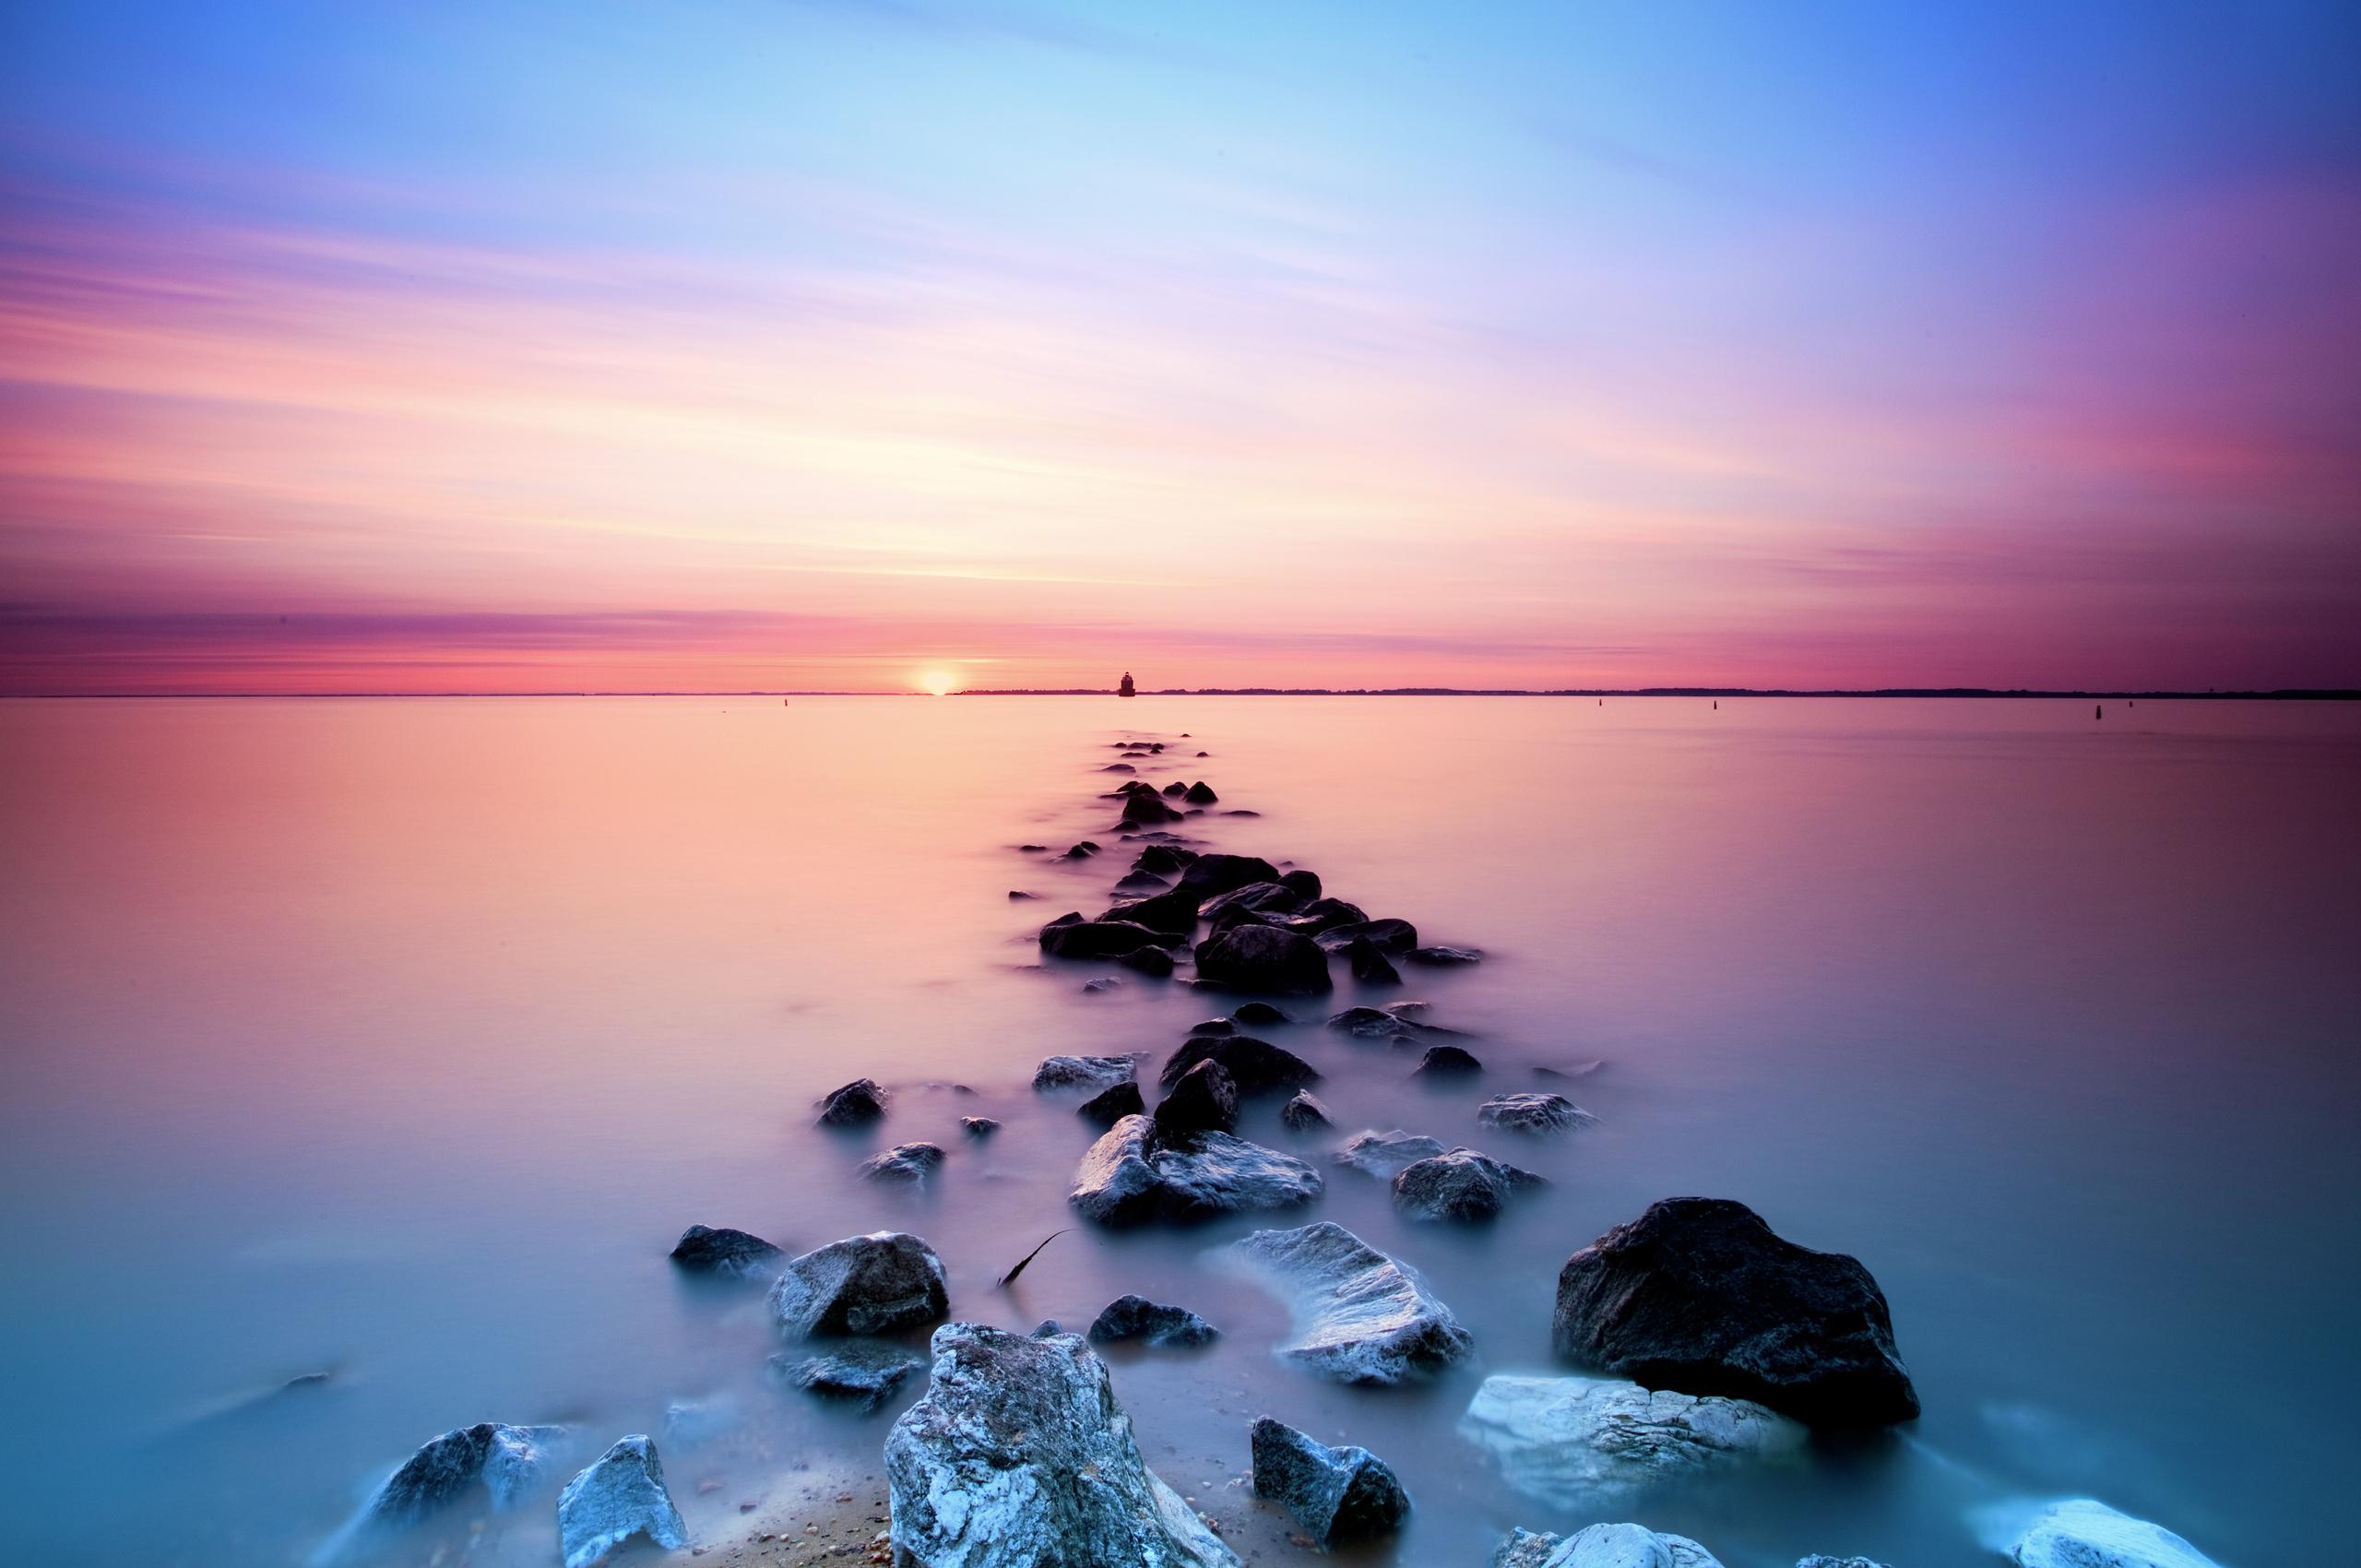 розовый закат, море, горы  № 3110189 бесплатно